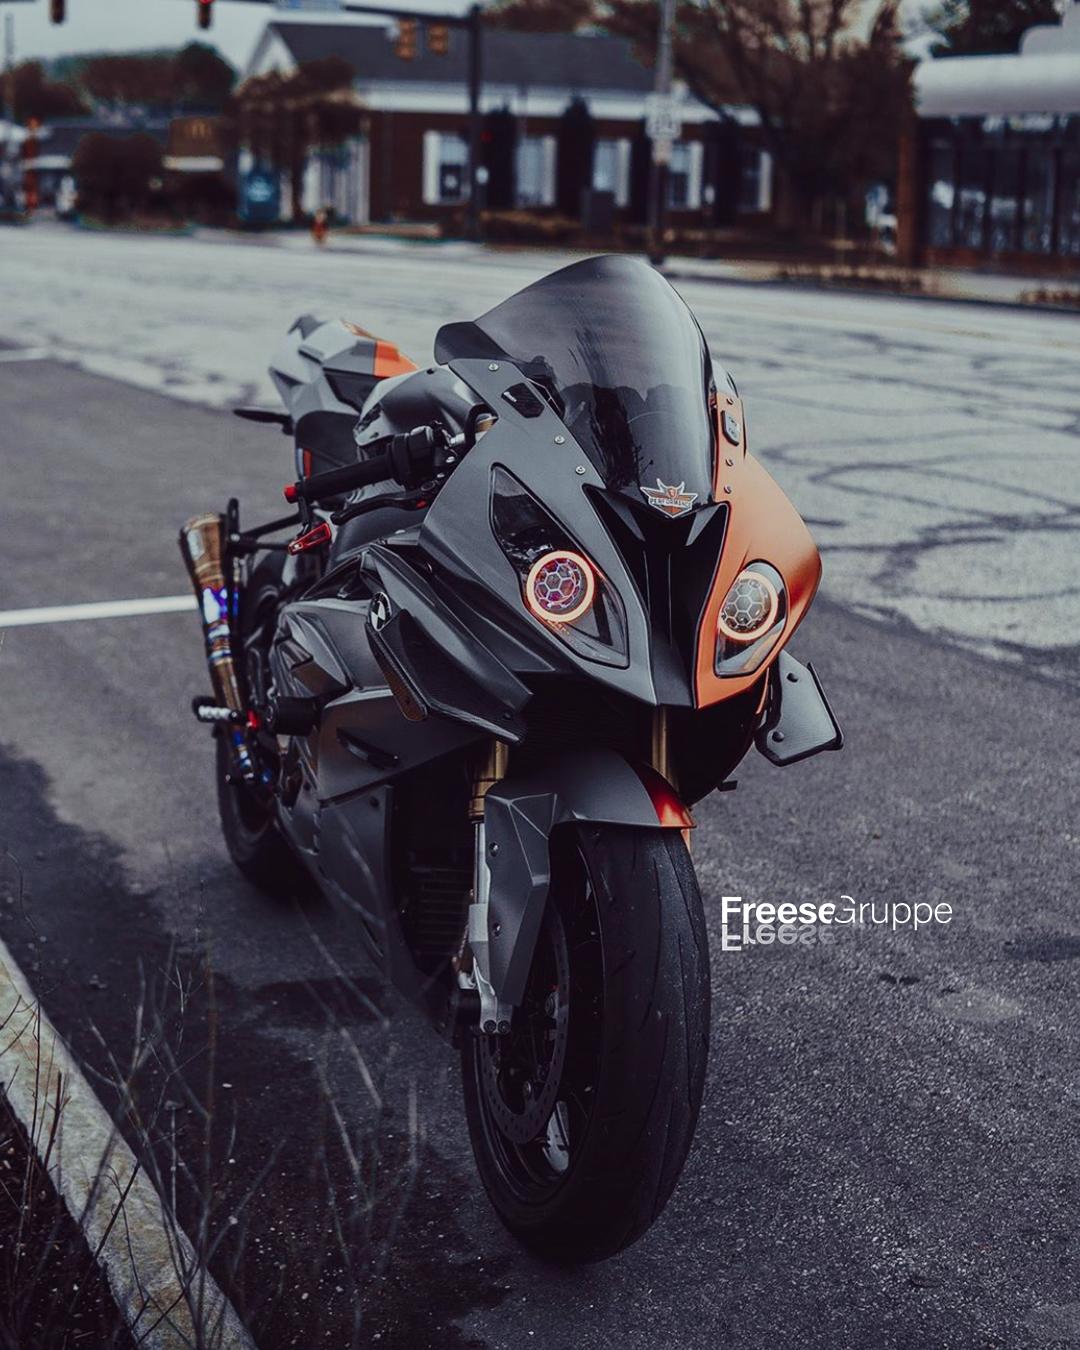 Pin By Jefferyjones On Bmw S1000rr Bmw Motorbikes Bmw S1000rr Motorbikes